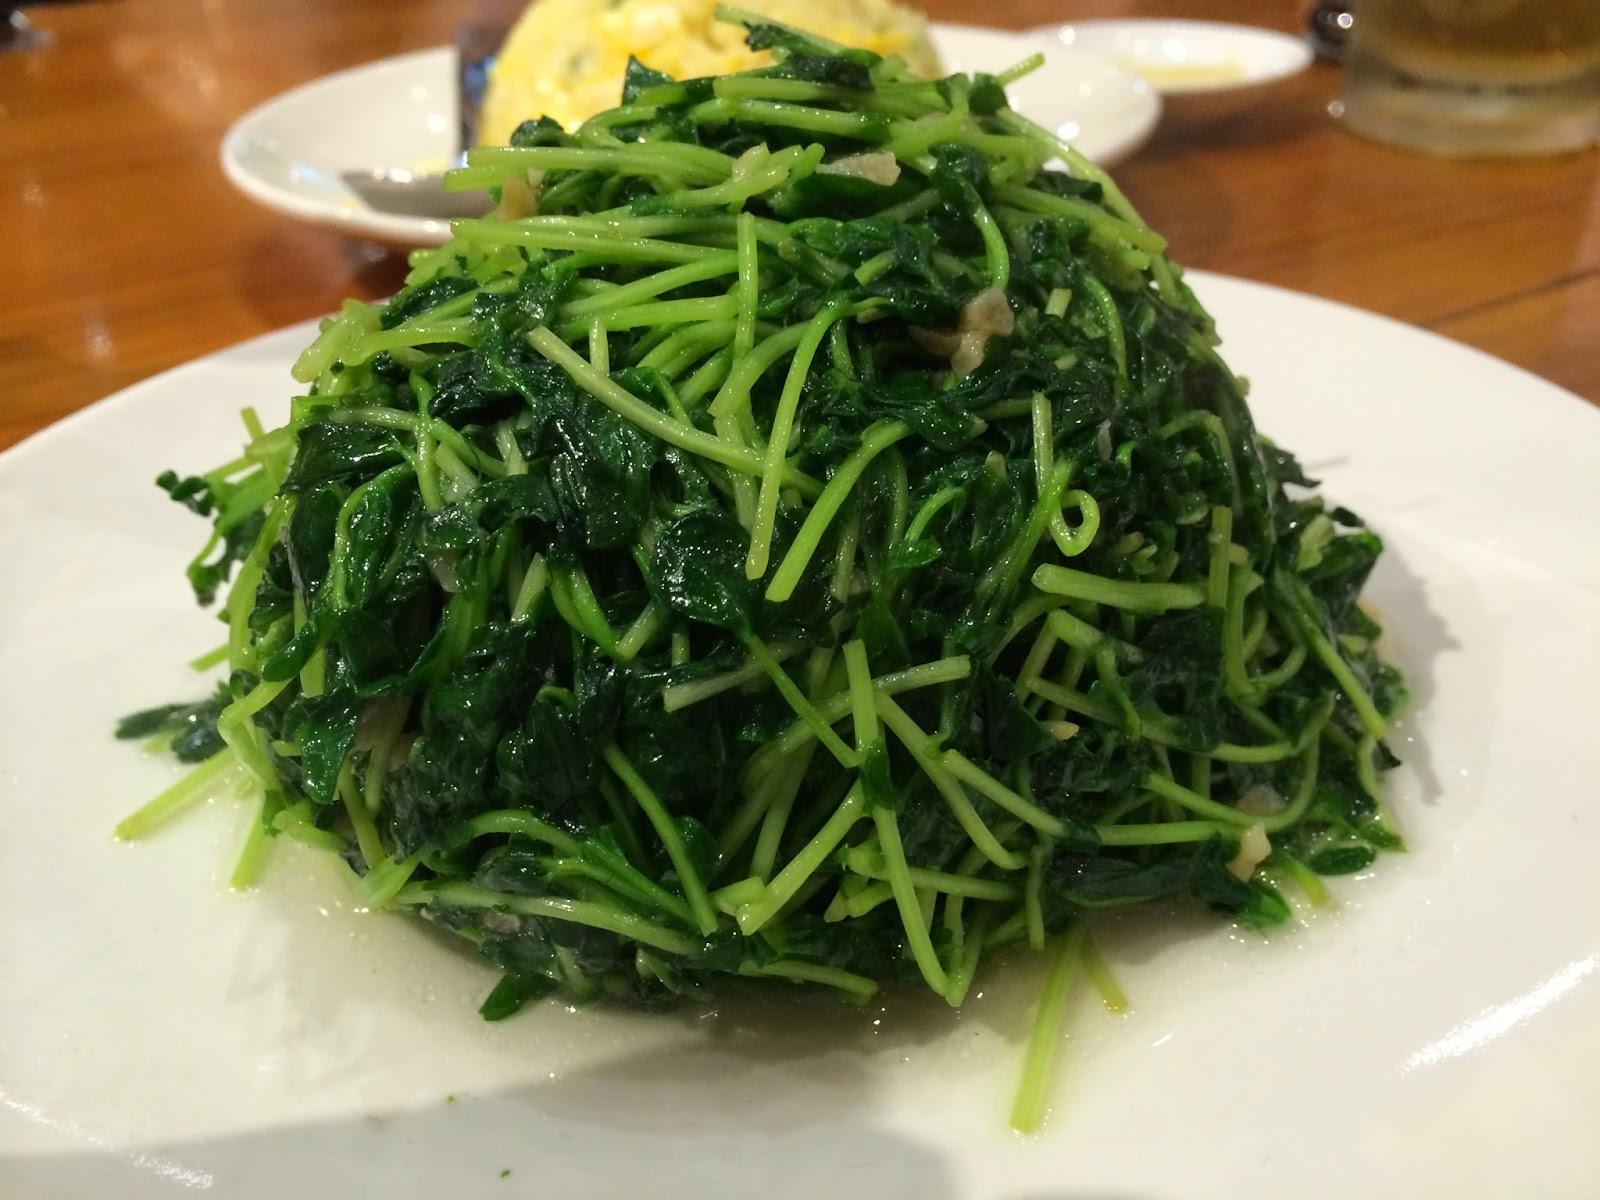 Greens with garlic at Din Tai Fung